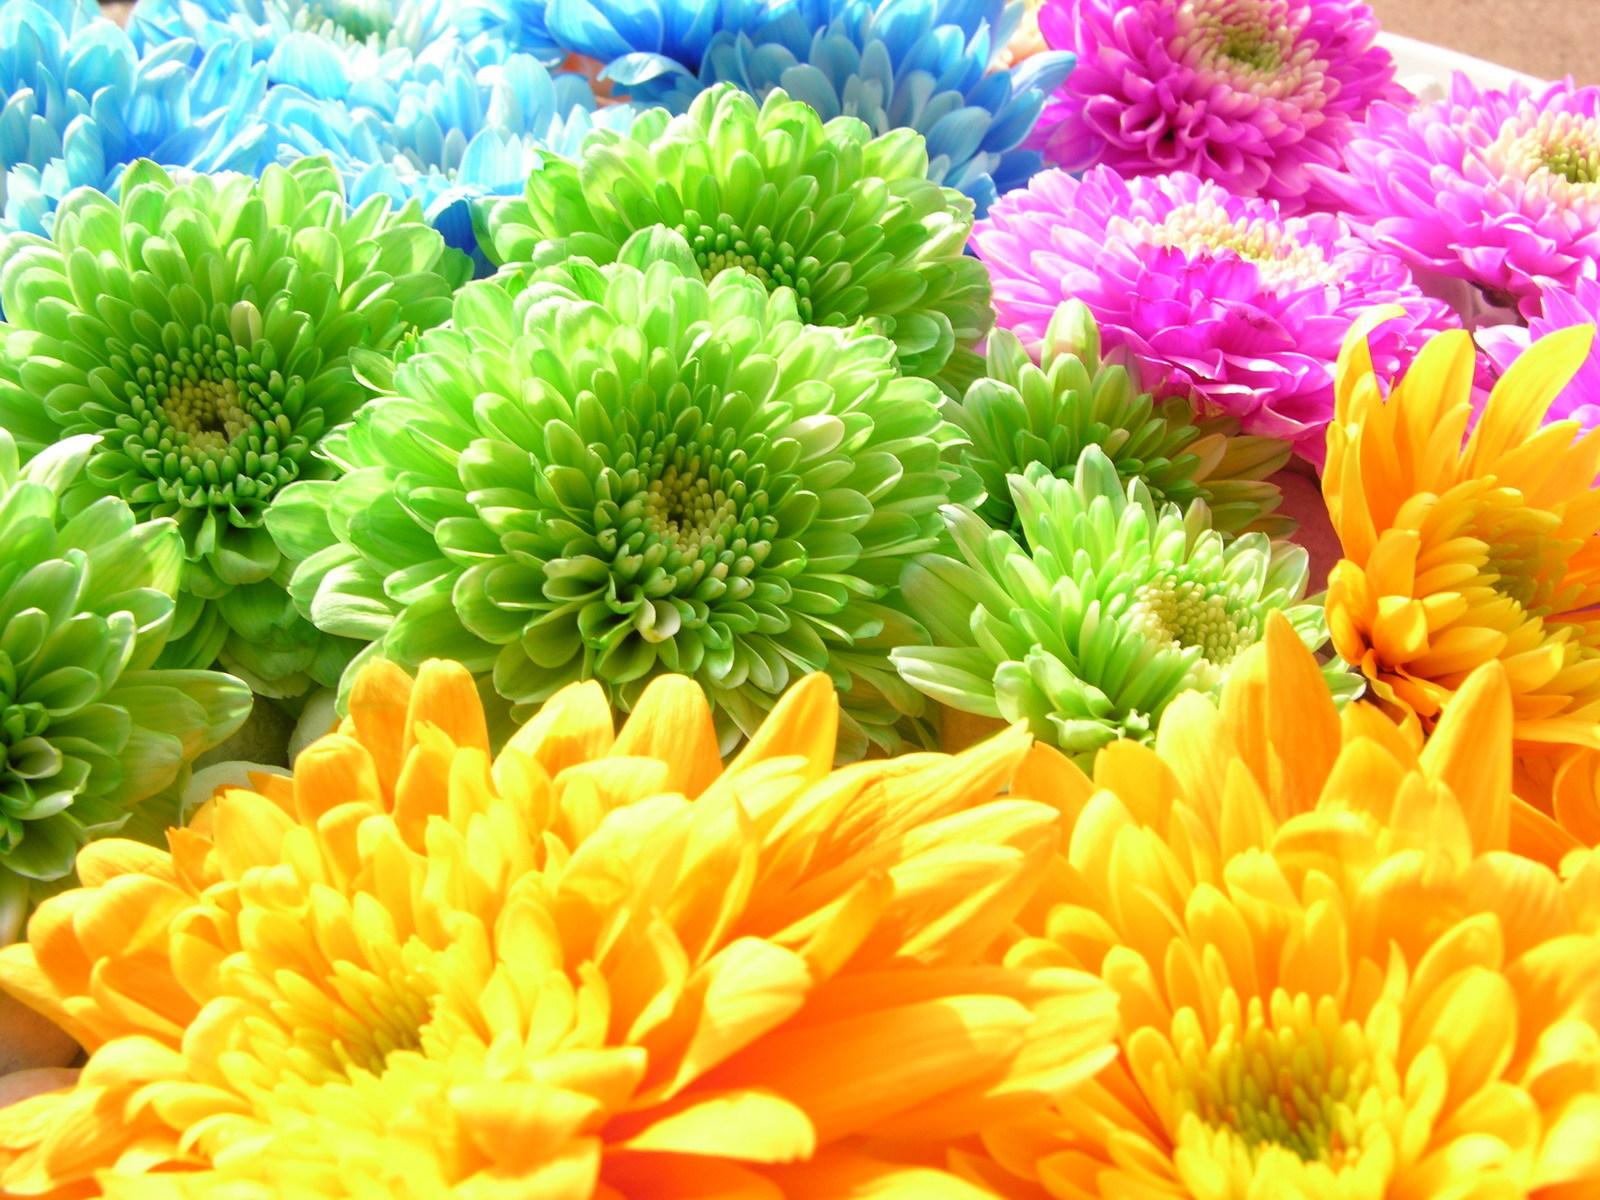 Скачать картинку Фон, Растения, Радуга, Хризантемы, Цветы в телефон бесплатно.